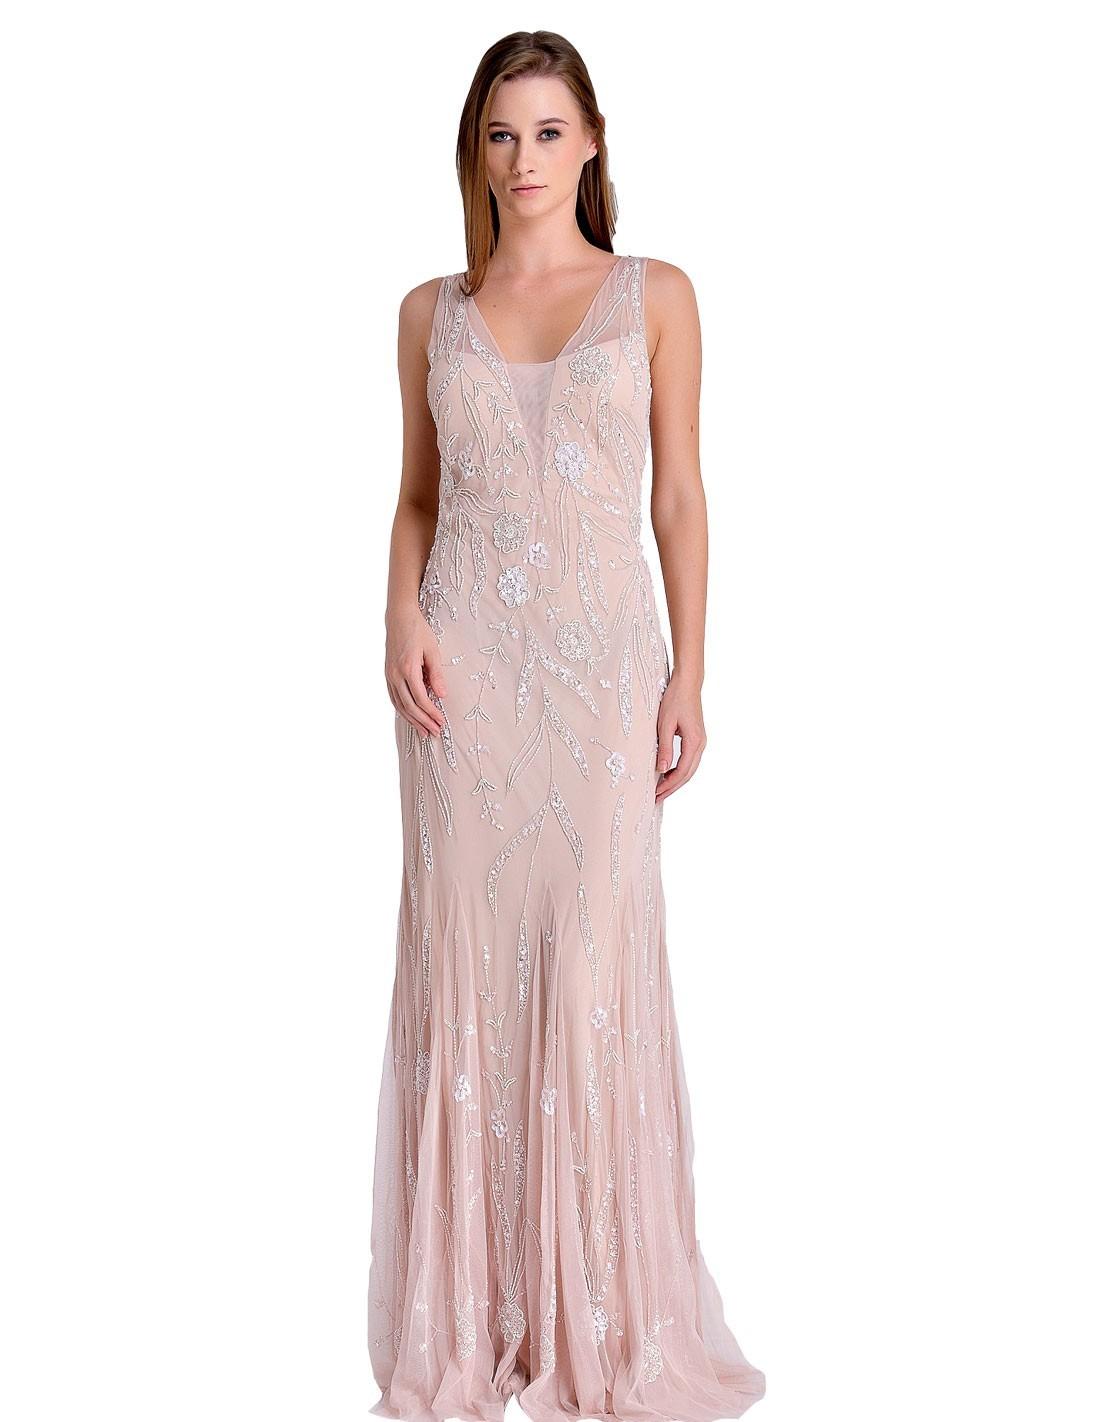 Vestido Largo De Fiesta Rosa Empolvado Con Pedrería Invitadisima Talla Ropa Xs Colores Rosa Empolvado